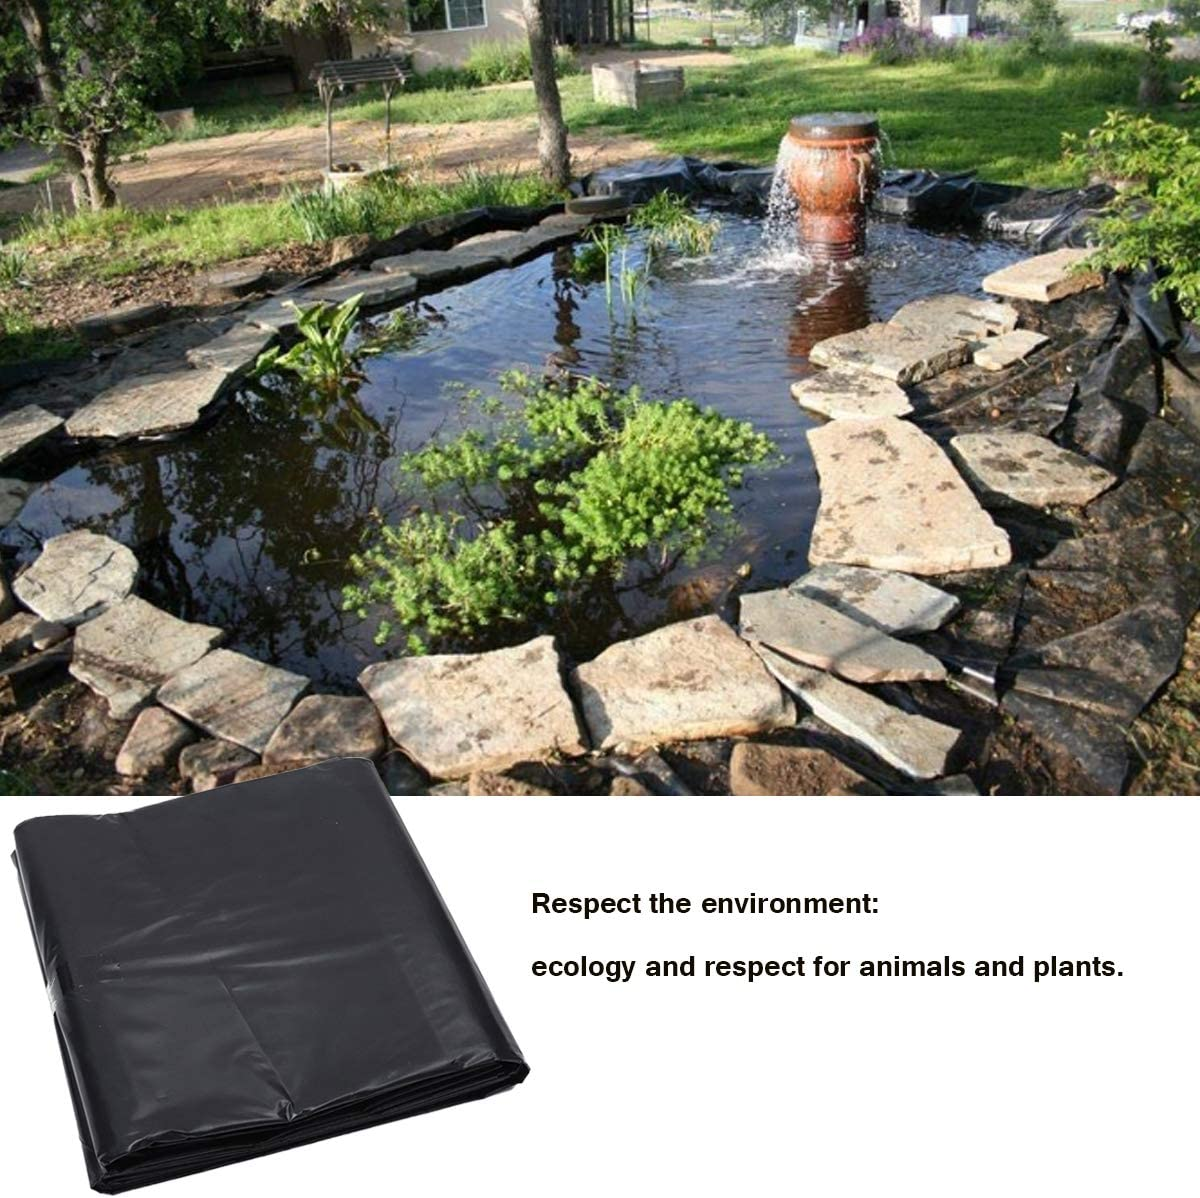 KING DO WAY Lona para estanques de jardín, Revestimiento Cubierta para Estanque Exterior, 2.5mX2.5m: Amazon.es: Hogar